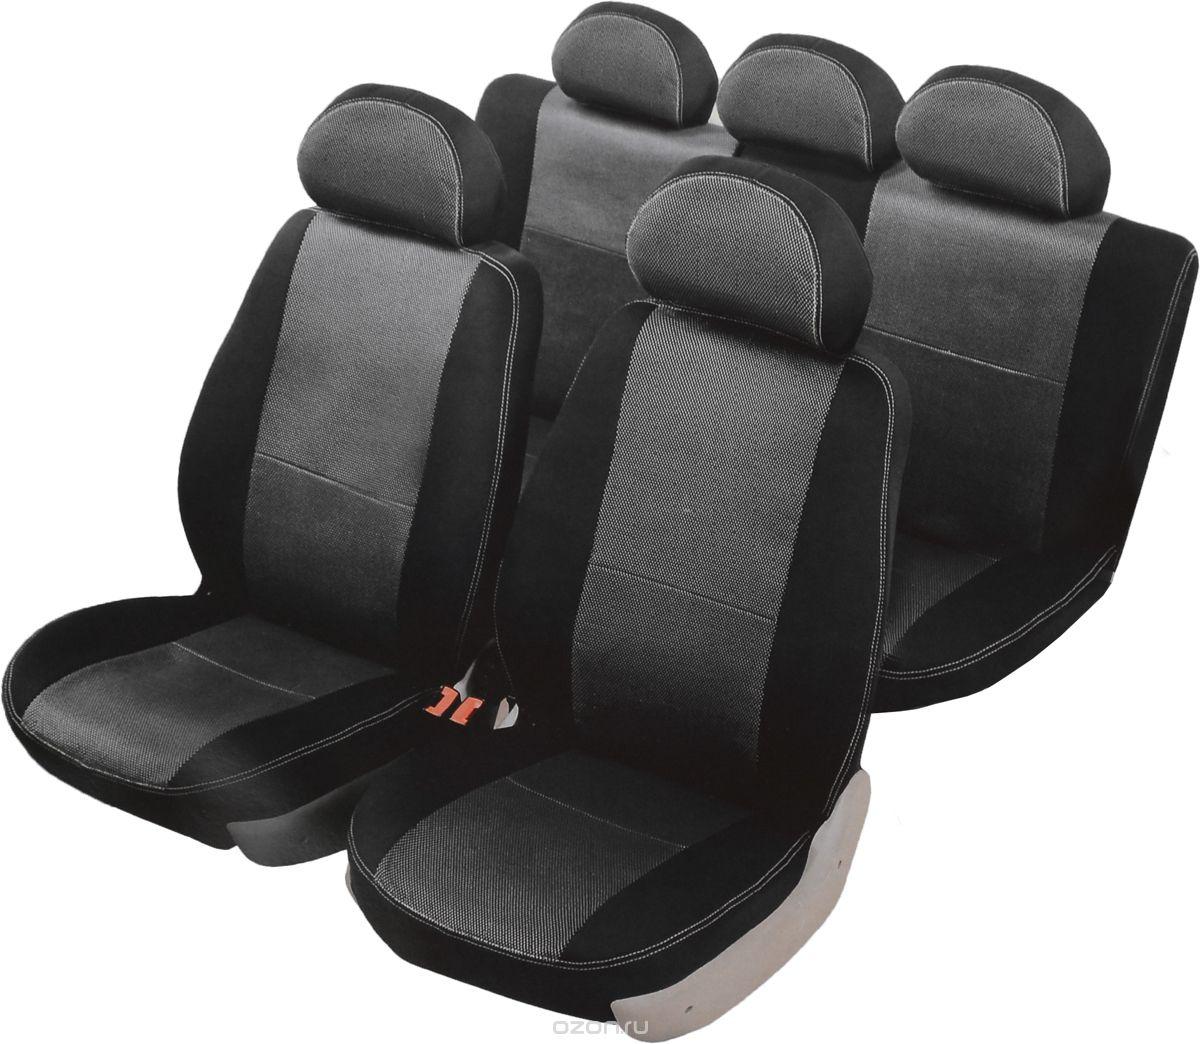 Чехлы автомобильные Senator Dakkar, для Renault Duster 2011-, раздельный задний рядS3010391Автомобильные чехлы Senator Dakkar изготовлены из качественного жаккарда, триплированного огнеупорным поролоном толщиной 5 мм, за счет чего чехол приобретает дополнительную мягкость. Подложка из спандбонда сохраняет свойства поролона и предотвращает его разрушение. Водительское сиденье имеет усиленные швы, все внутренние соединительные швы обработаны оверлоком. Чехлы идеально повторяют штатную форму сидений и выглядят как оригинальная обивка сидений. Разработаны индивидуально для каждой модели автомобиля. Дизайн чехлов Senator Dakkar приближен к оригинальной обивке салона. Жаккардовый материал расположен в центральной части сидений и спинок, а также на подголовниках. Декоративная контрастная прострочка по периметру авточехлов придает стильный и изысканный внешний вид интерьеру автомобиля. В спинках передних сидений расположены карманы, закрывающиеся на молнию. Чехлы задних сидений закрывают всю поверхность, включая тыльную сторону спинки (со стороны...